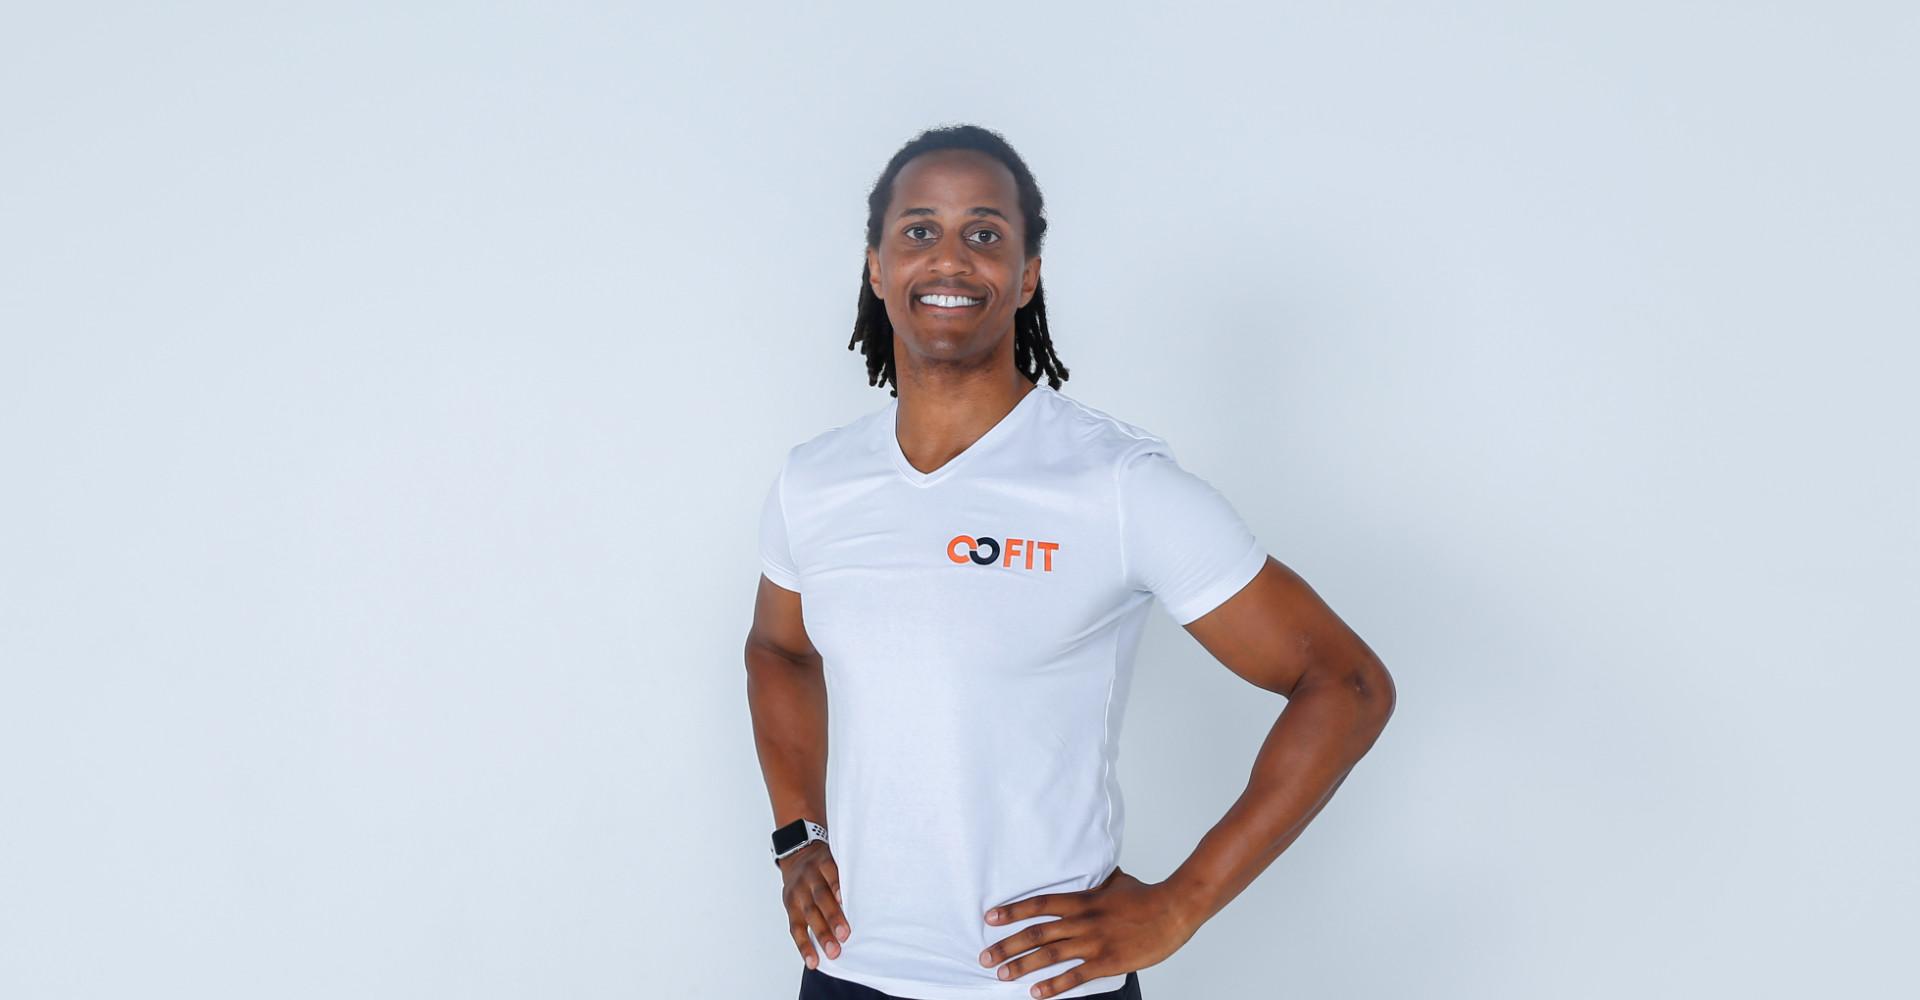 CoFit Coach Menya Hinga